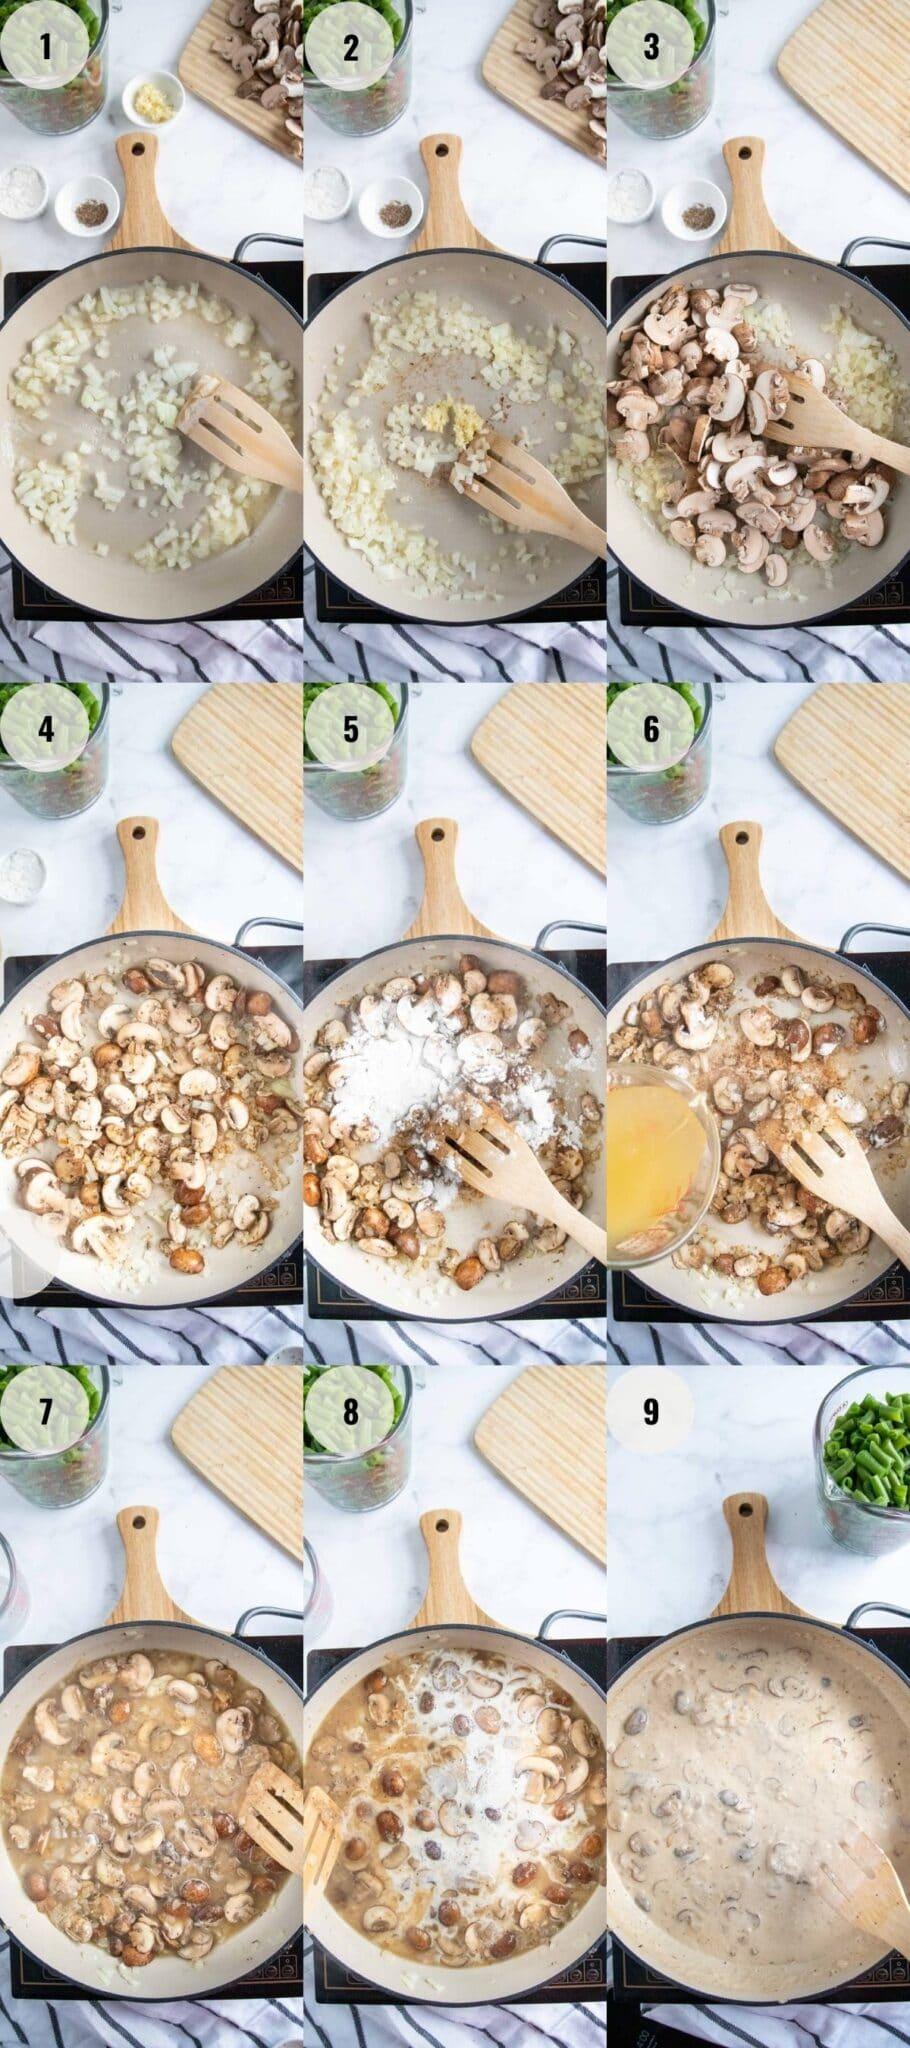 Green Bean Casserole - Steps 1-9